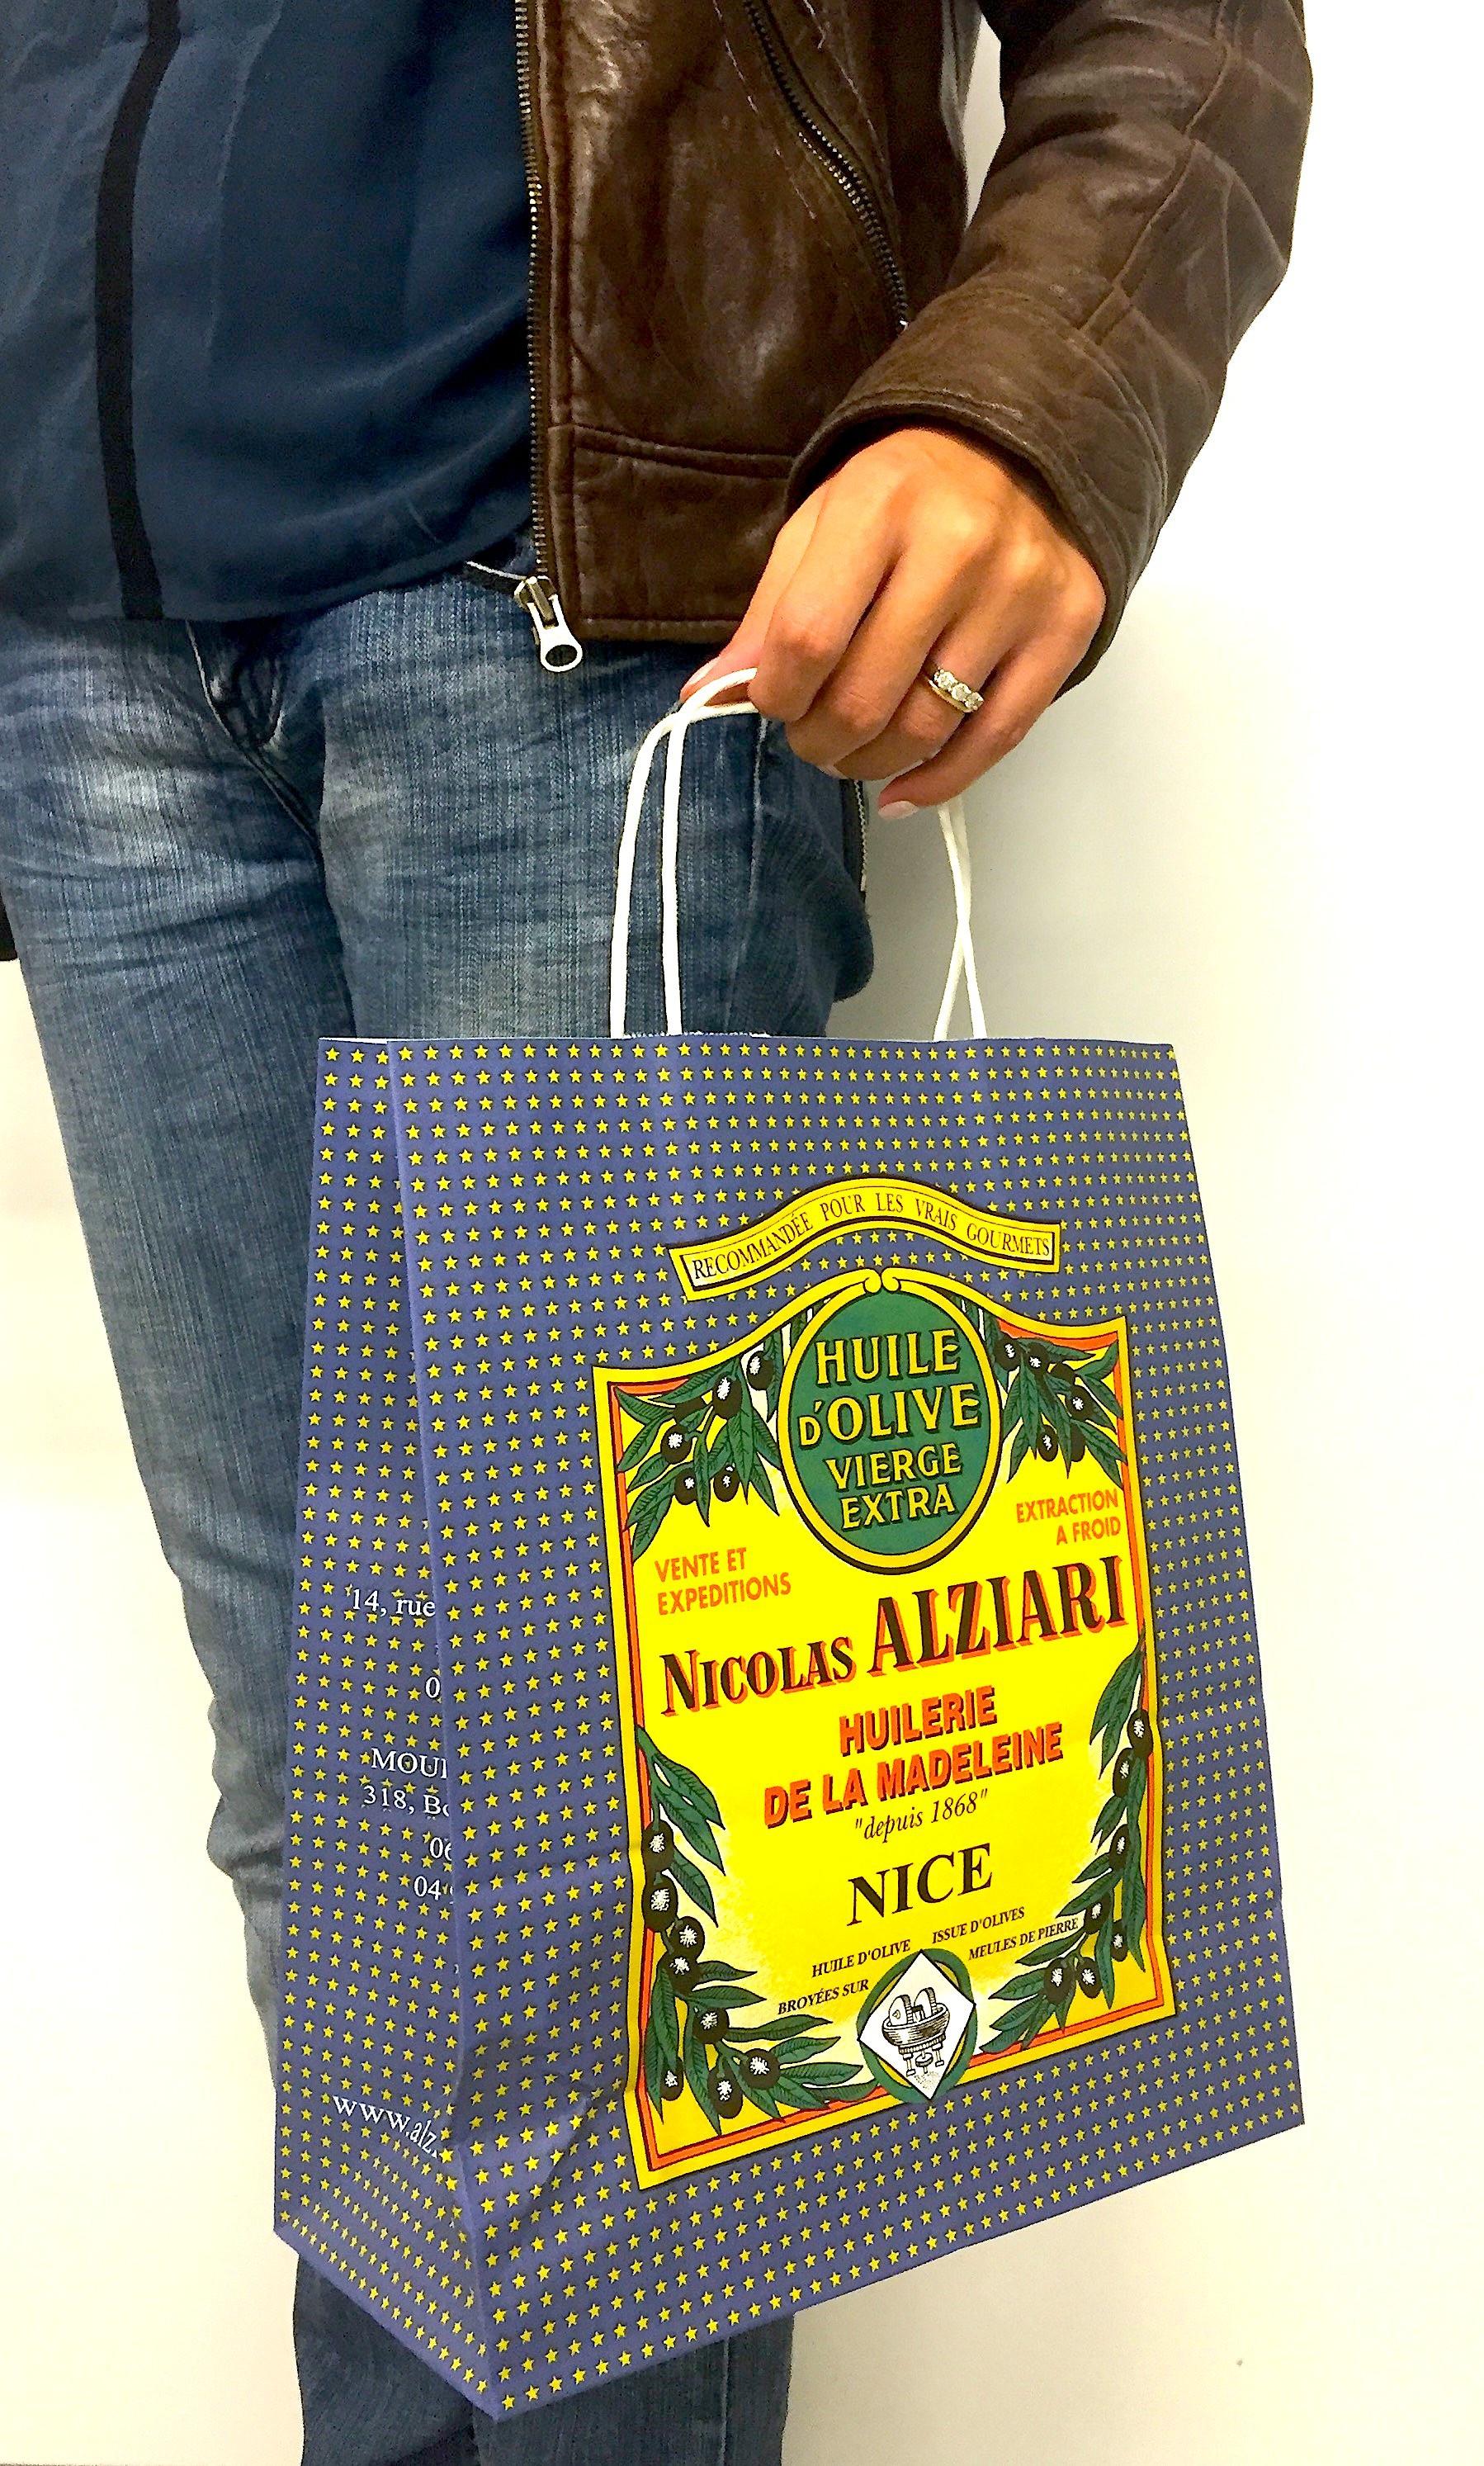 Brown paper Nicolas Alziari 1868